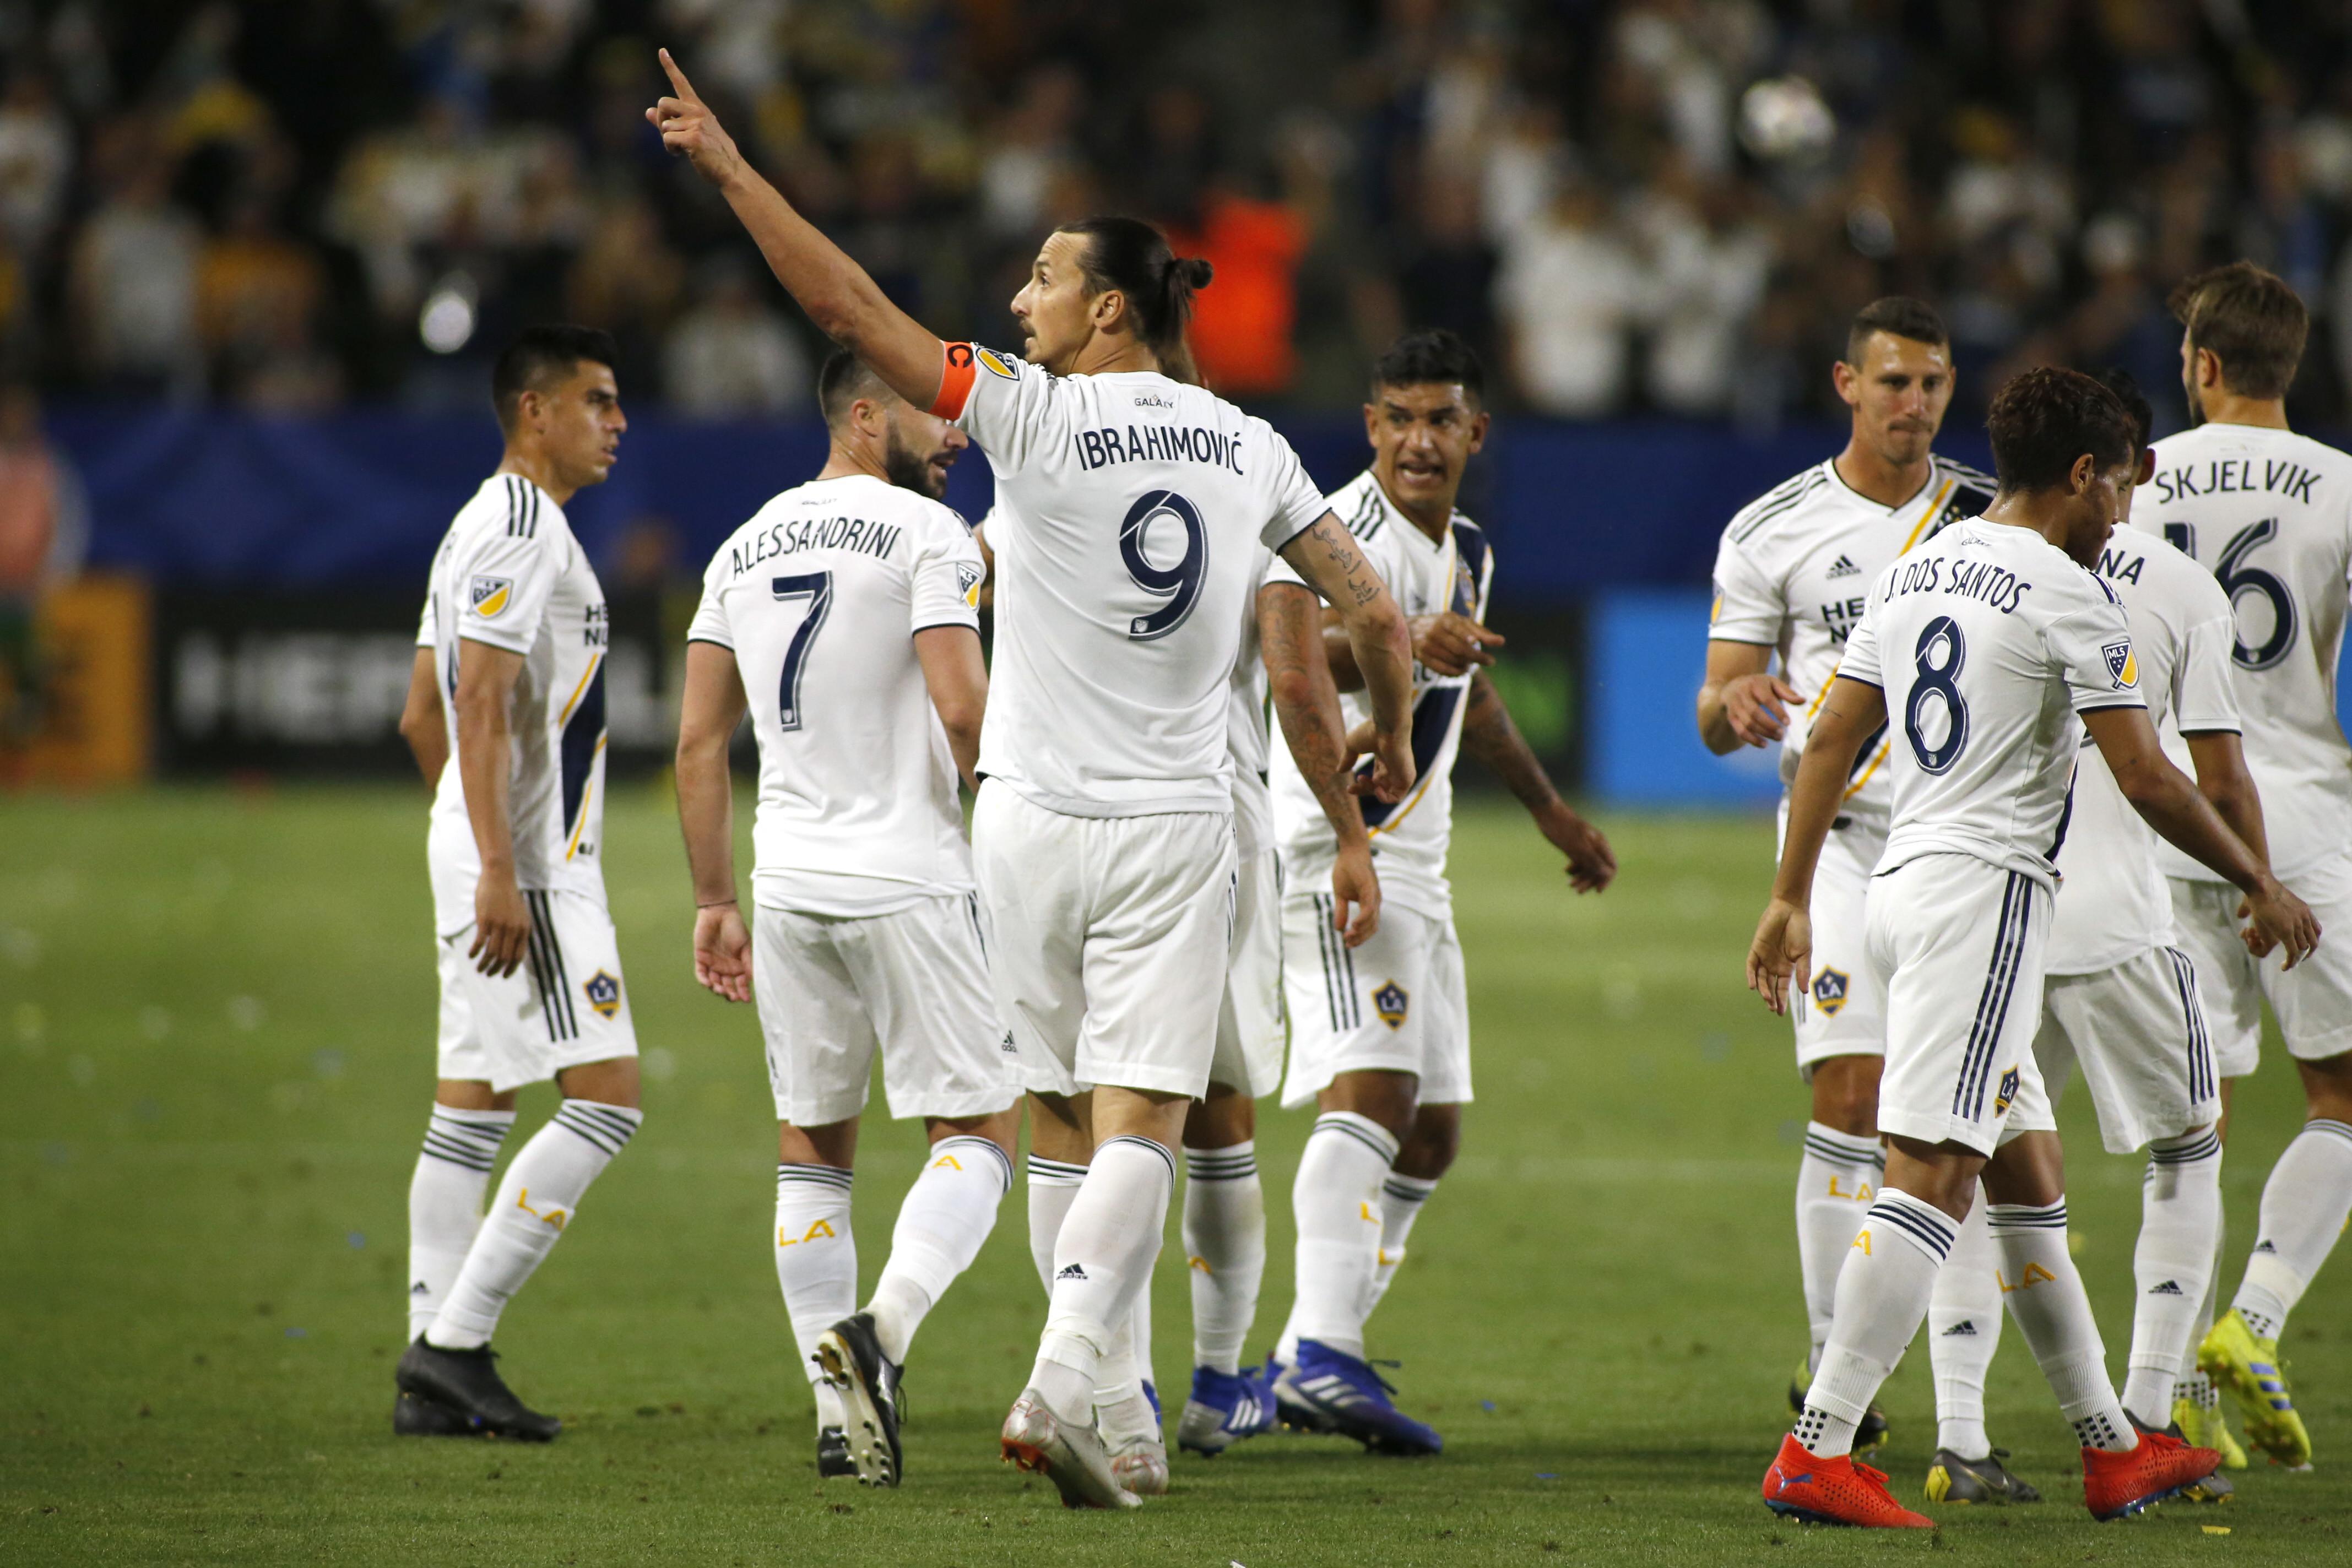 La leggenda diZlatan Ibrahimoviccontinua a incantare il mondo del calcio. Con la tripletta alloSporting Kansas City,l'atta...